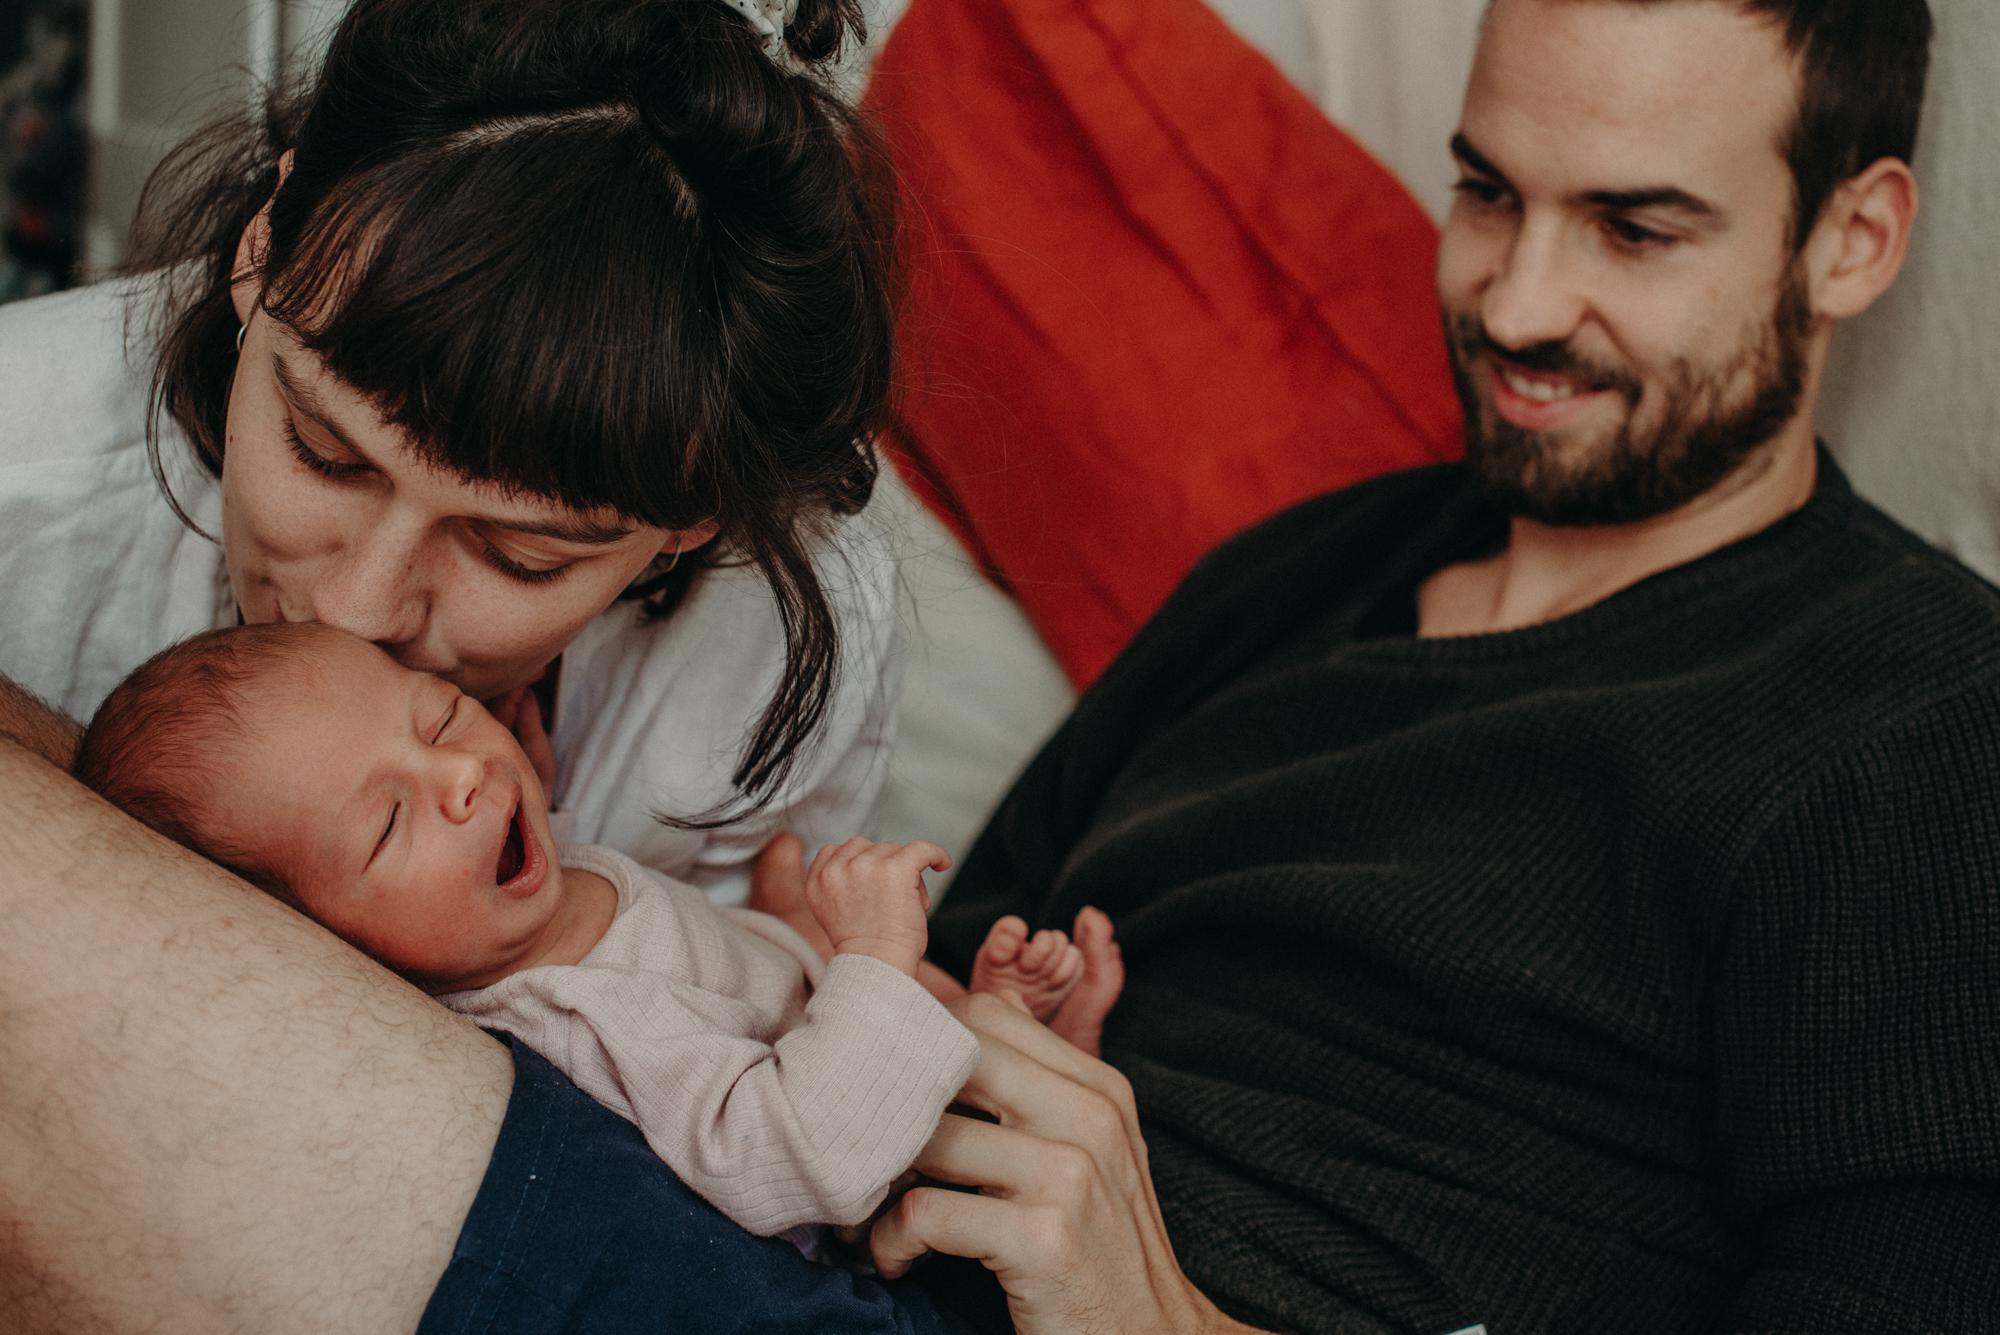 Babyfoto mit Familie, Blogpost Babyfotoshooting selber machen, Fotografin Freiburg